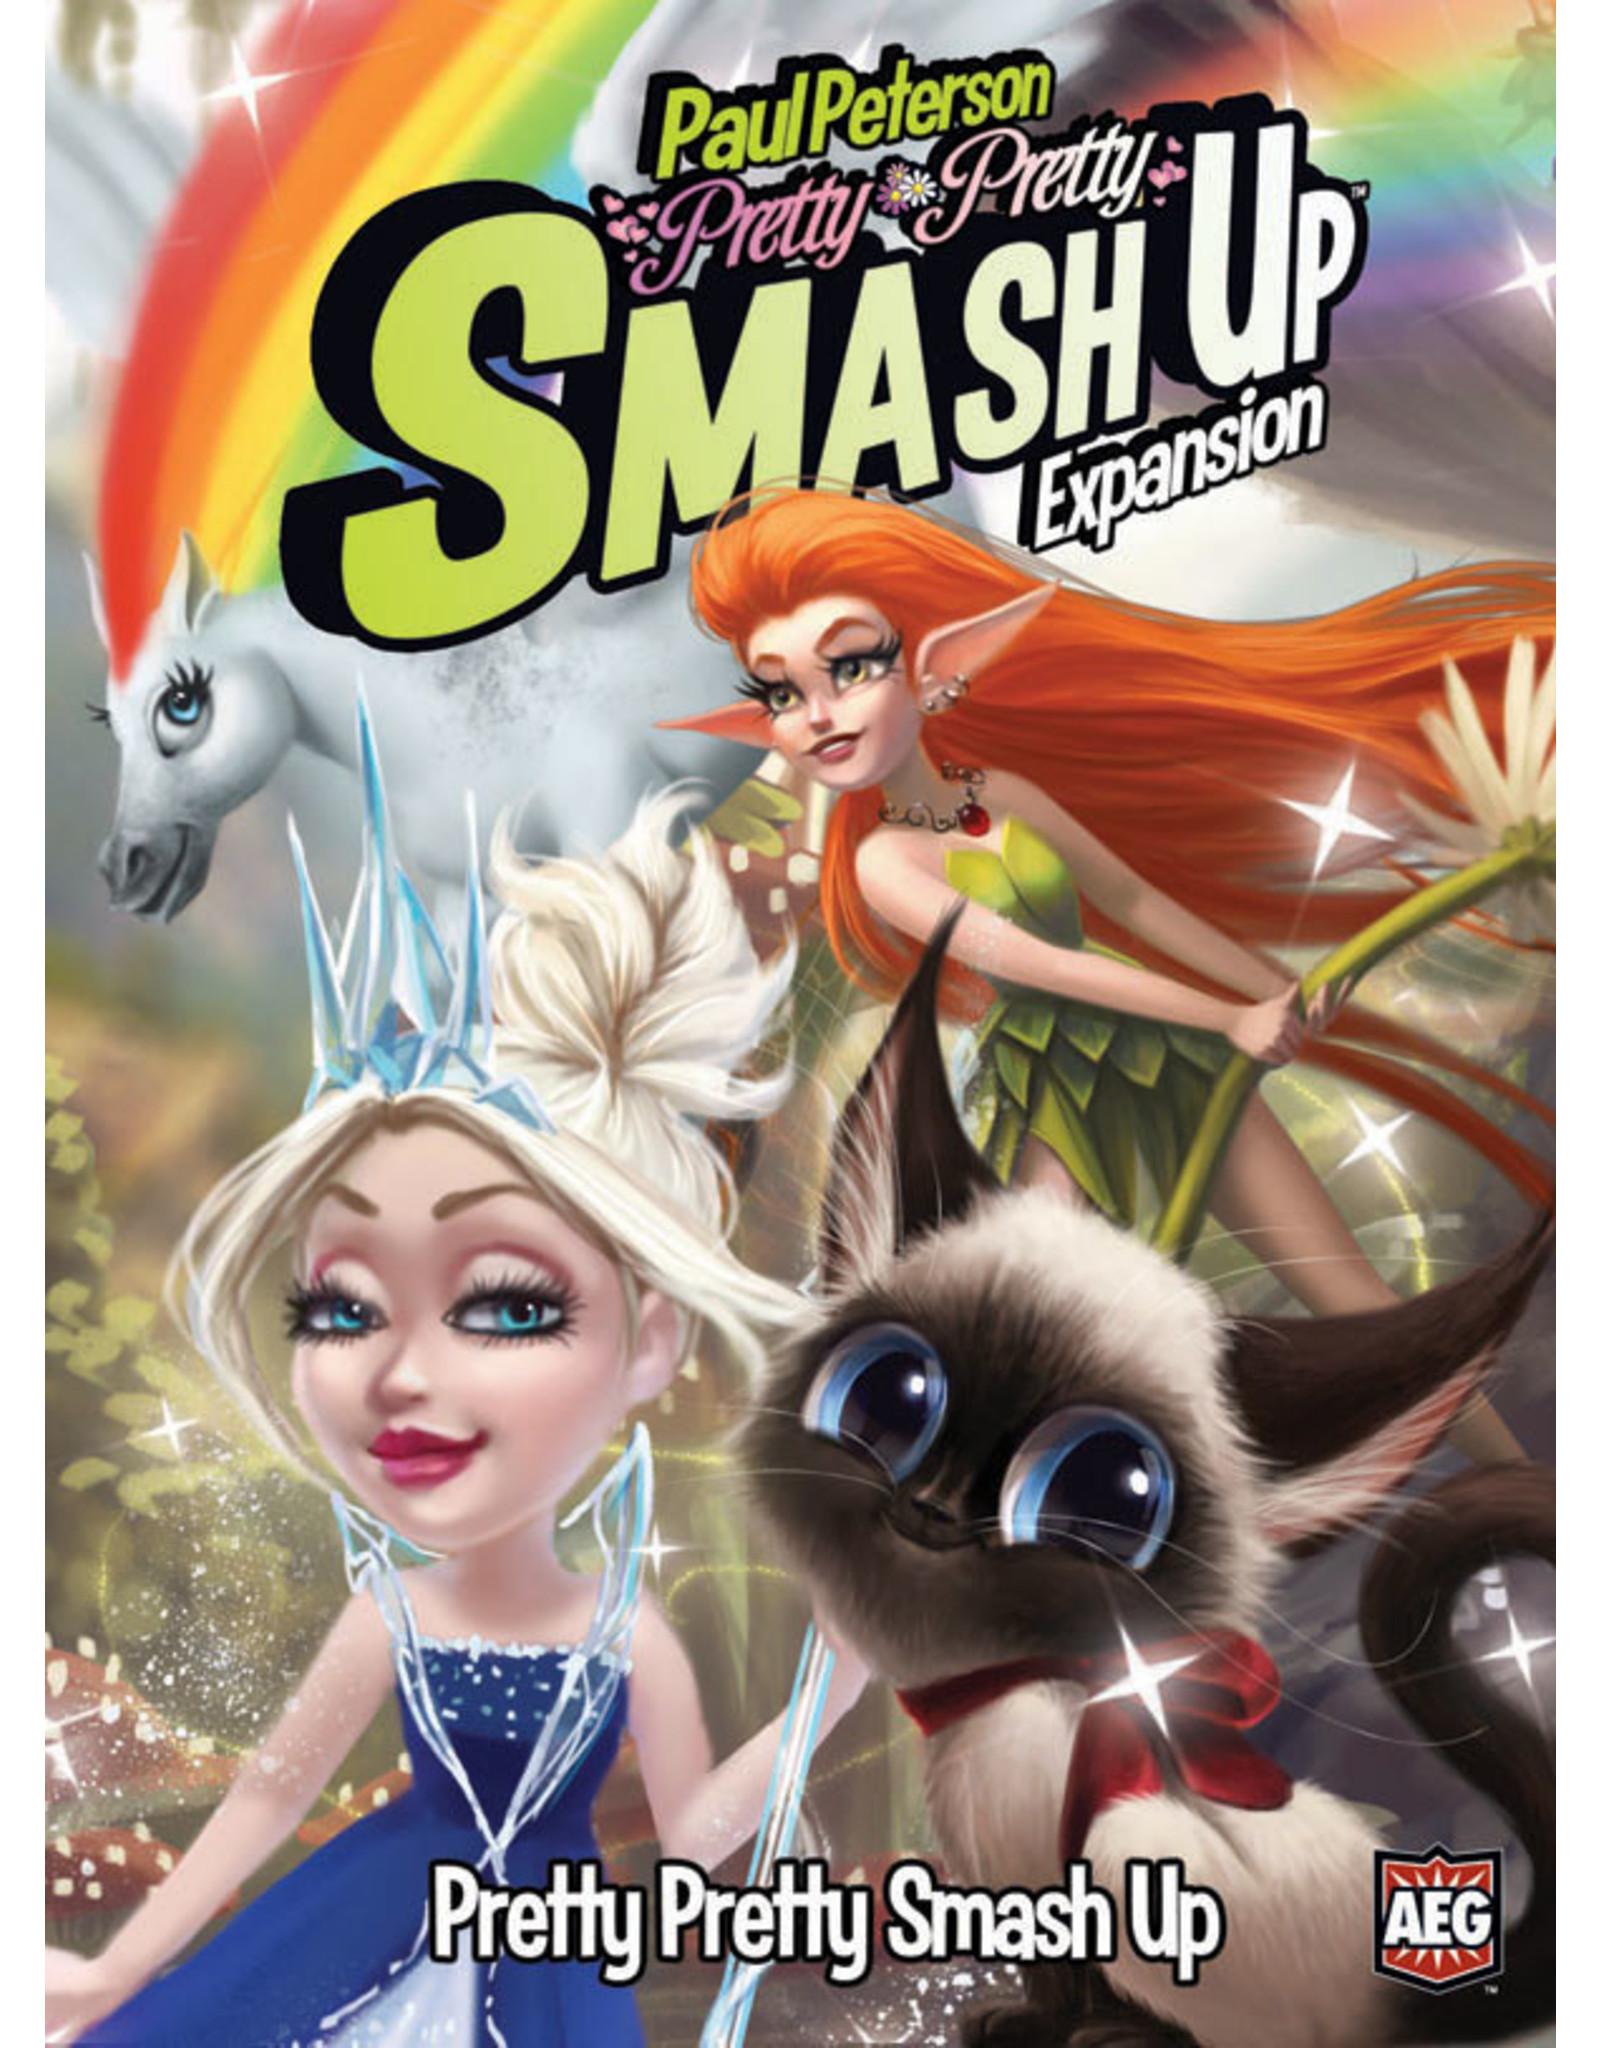 Alderac Entertainment Group Smash Up - Pretty, Pretty Smash Up Expansion